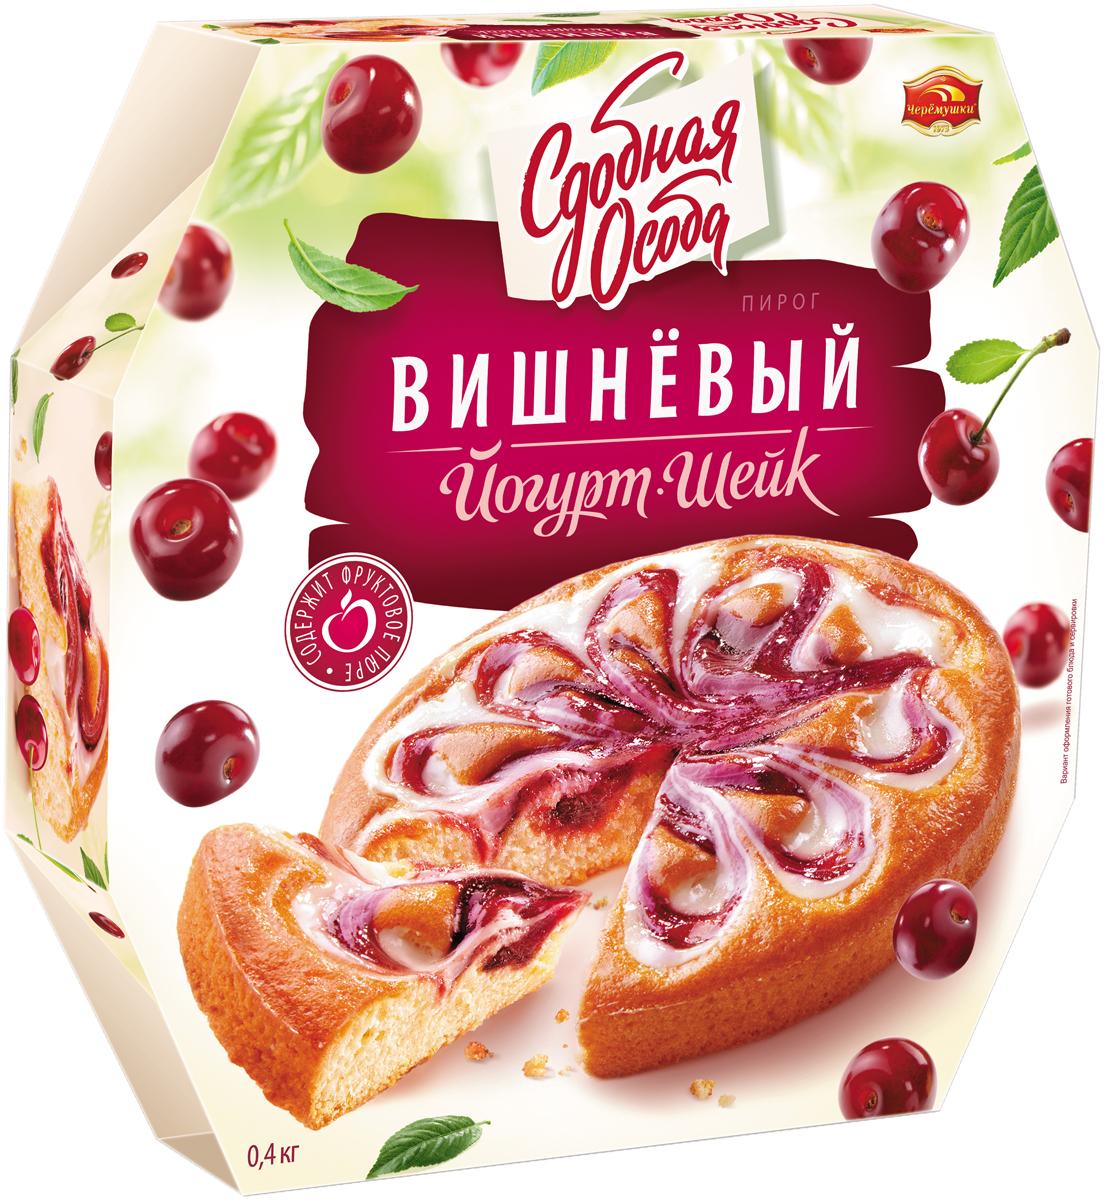 Черемушки Пирог Йогурт-шейк вишневый, 400 г черемушки рулет с лимоном 400 г